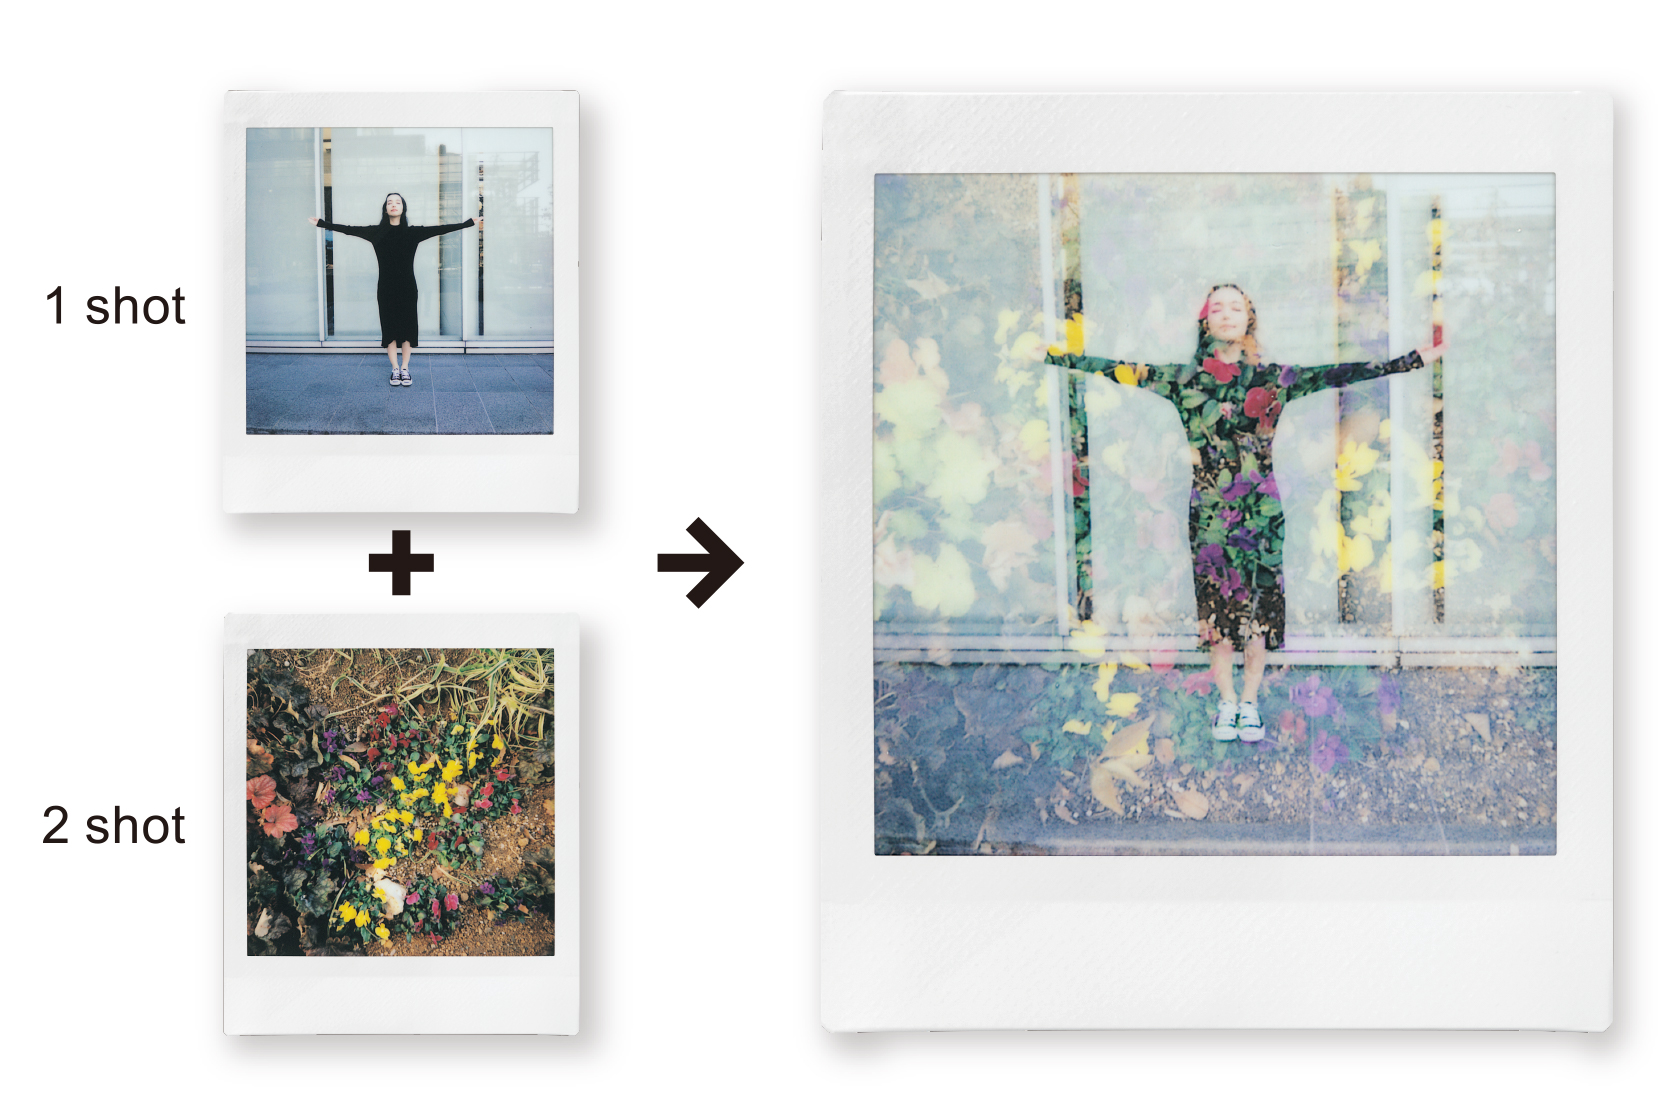 [photo] 인스탁스 스퀘어 SQ6에서 이중 노출 모드로 2가지 장면을 하나로 완성한 샘플 사진